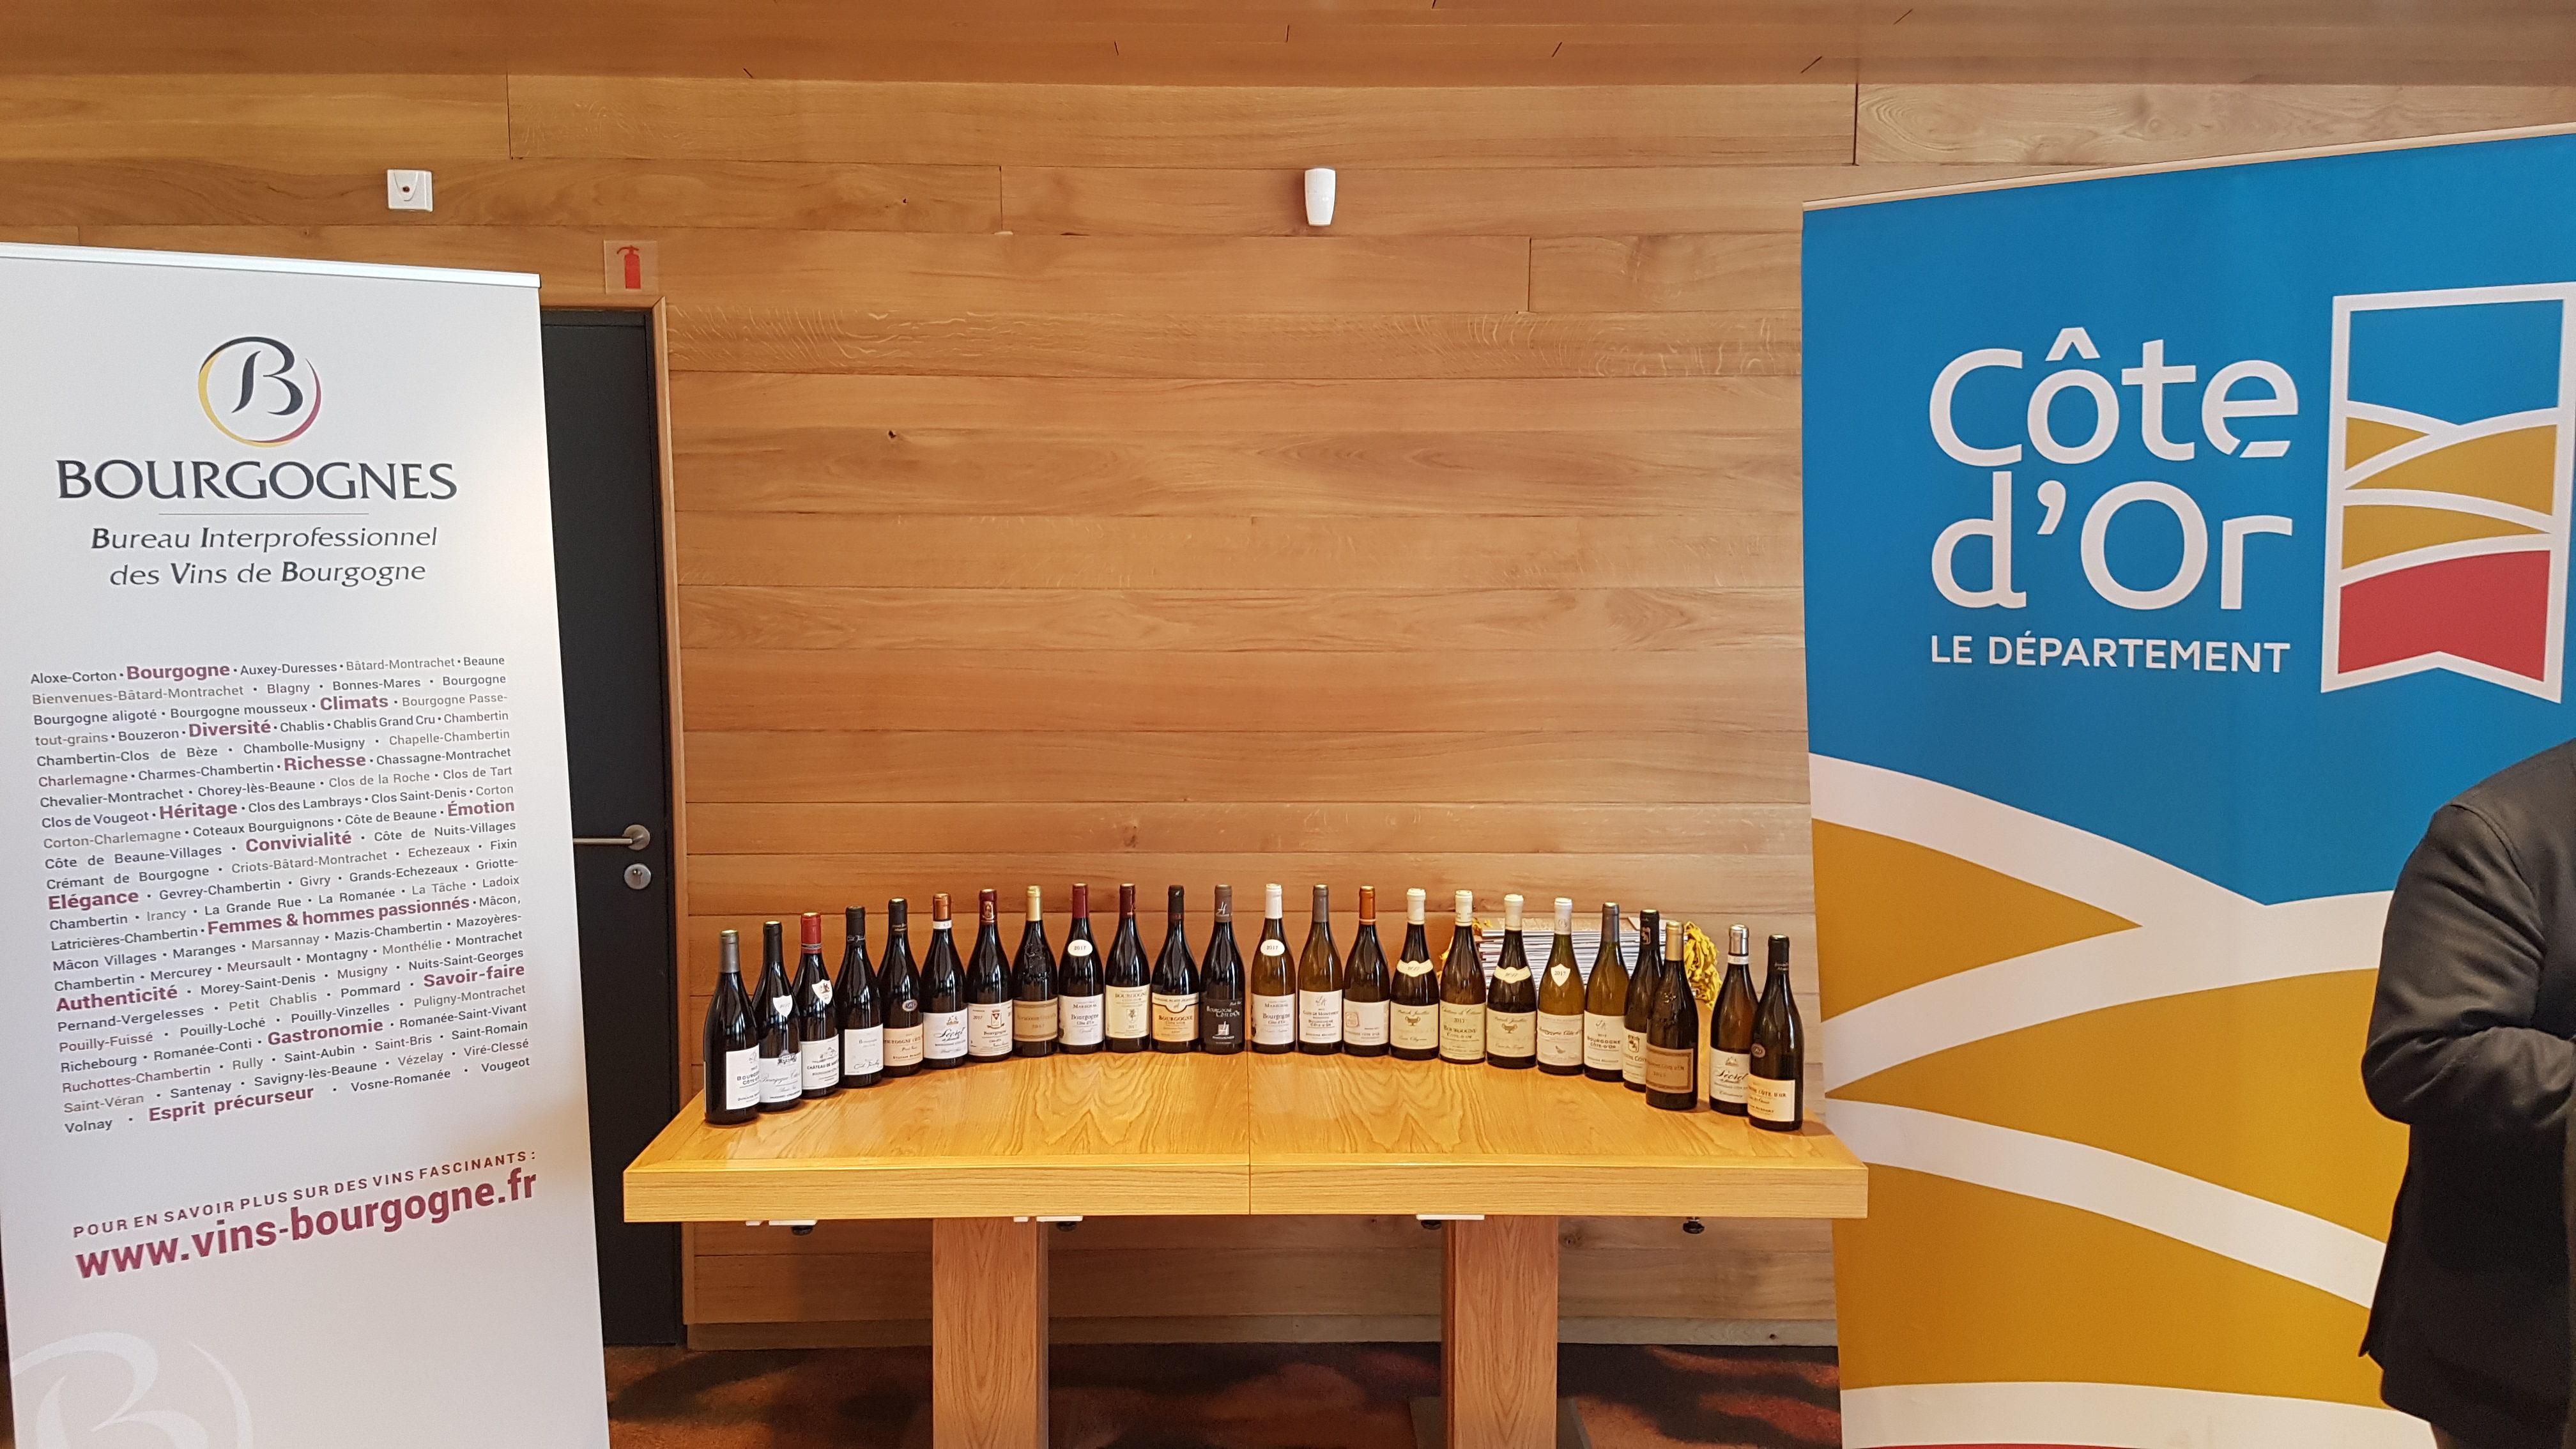 Les promesses des Bourgogne Côte d'Or